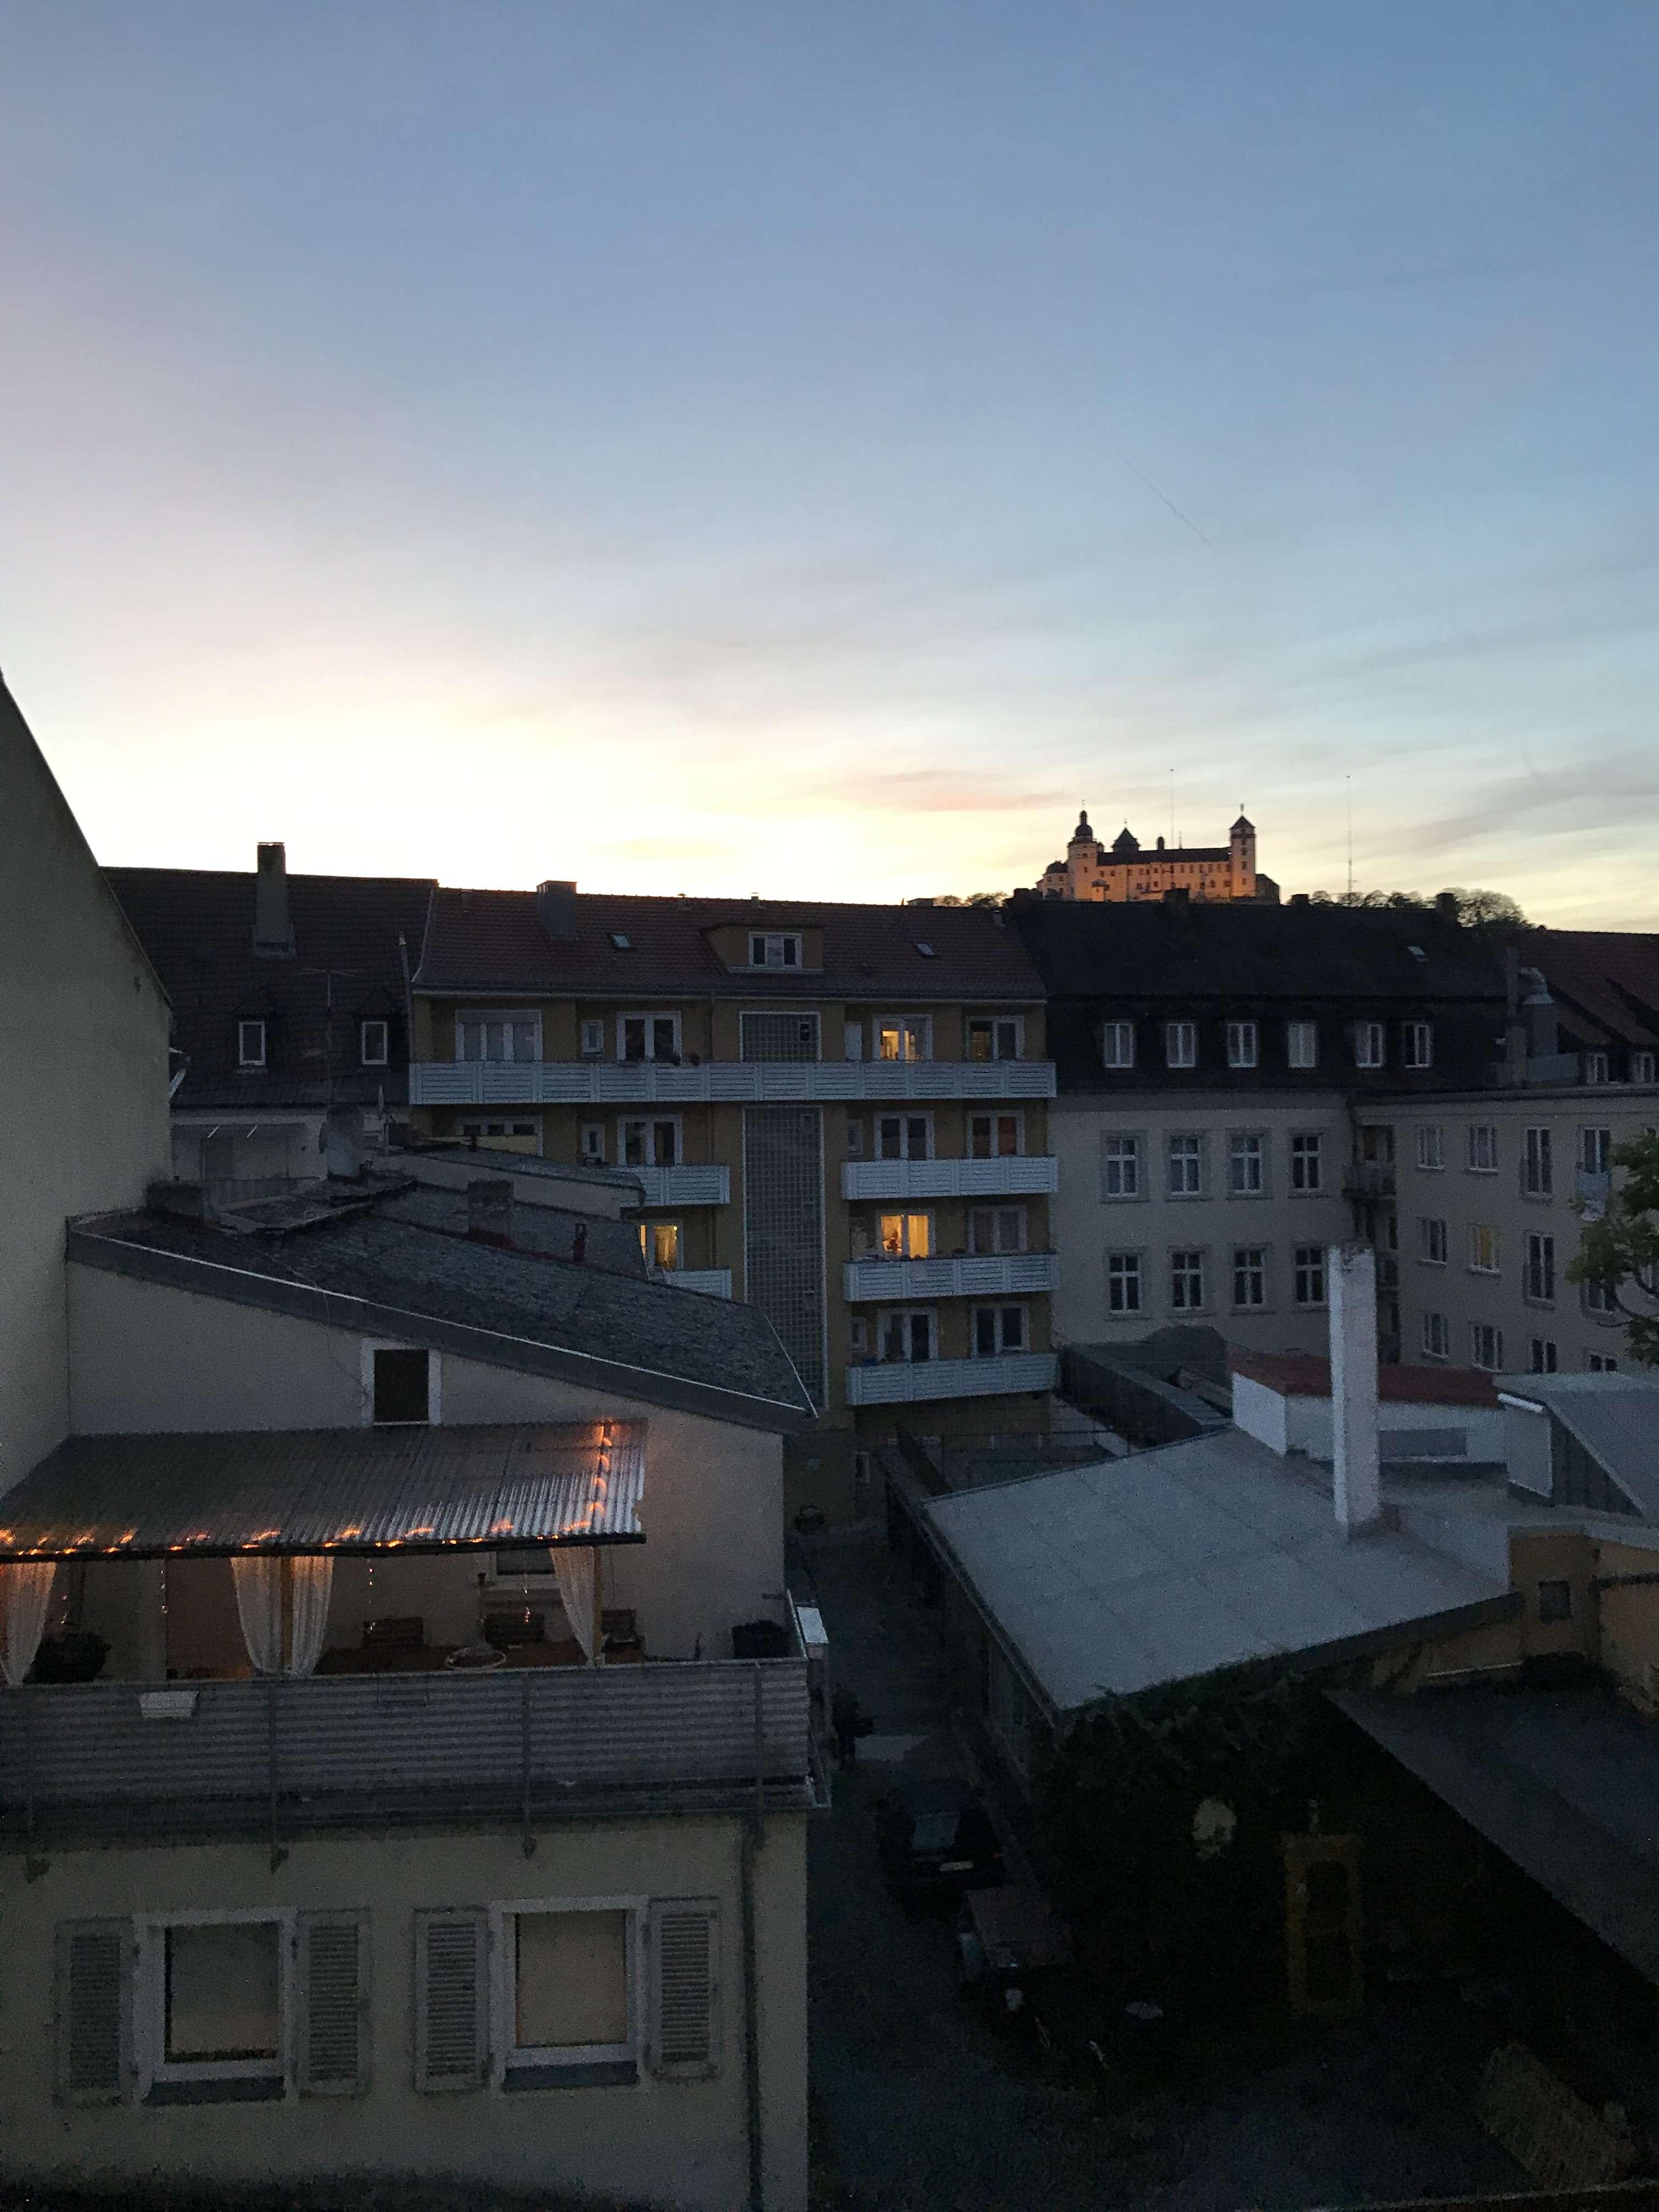 Einzimmerwohnung in der Innenstadt! Beste Lage! Nur Zwischenmiete! in Peter (Würzburg)